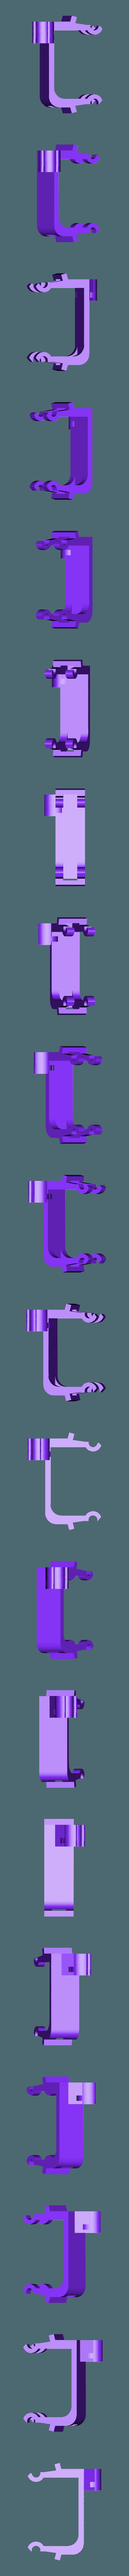 CR-10_PLUS_ULTRA_cable_mount.stl Télécharger fichier STL gratuit Support de câble CR-10 PLUS ULTRA • Modèle pour impression 3D, Lance_Greene